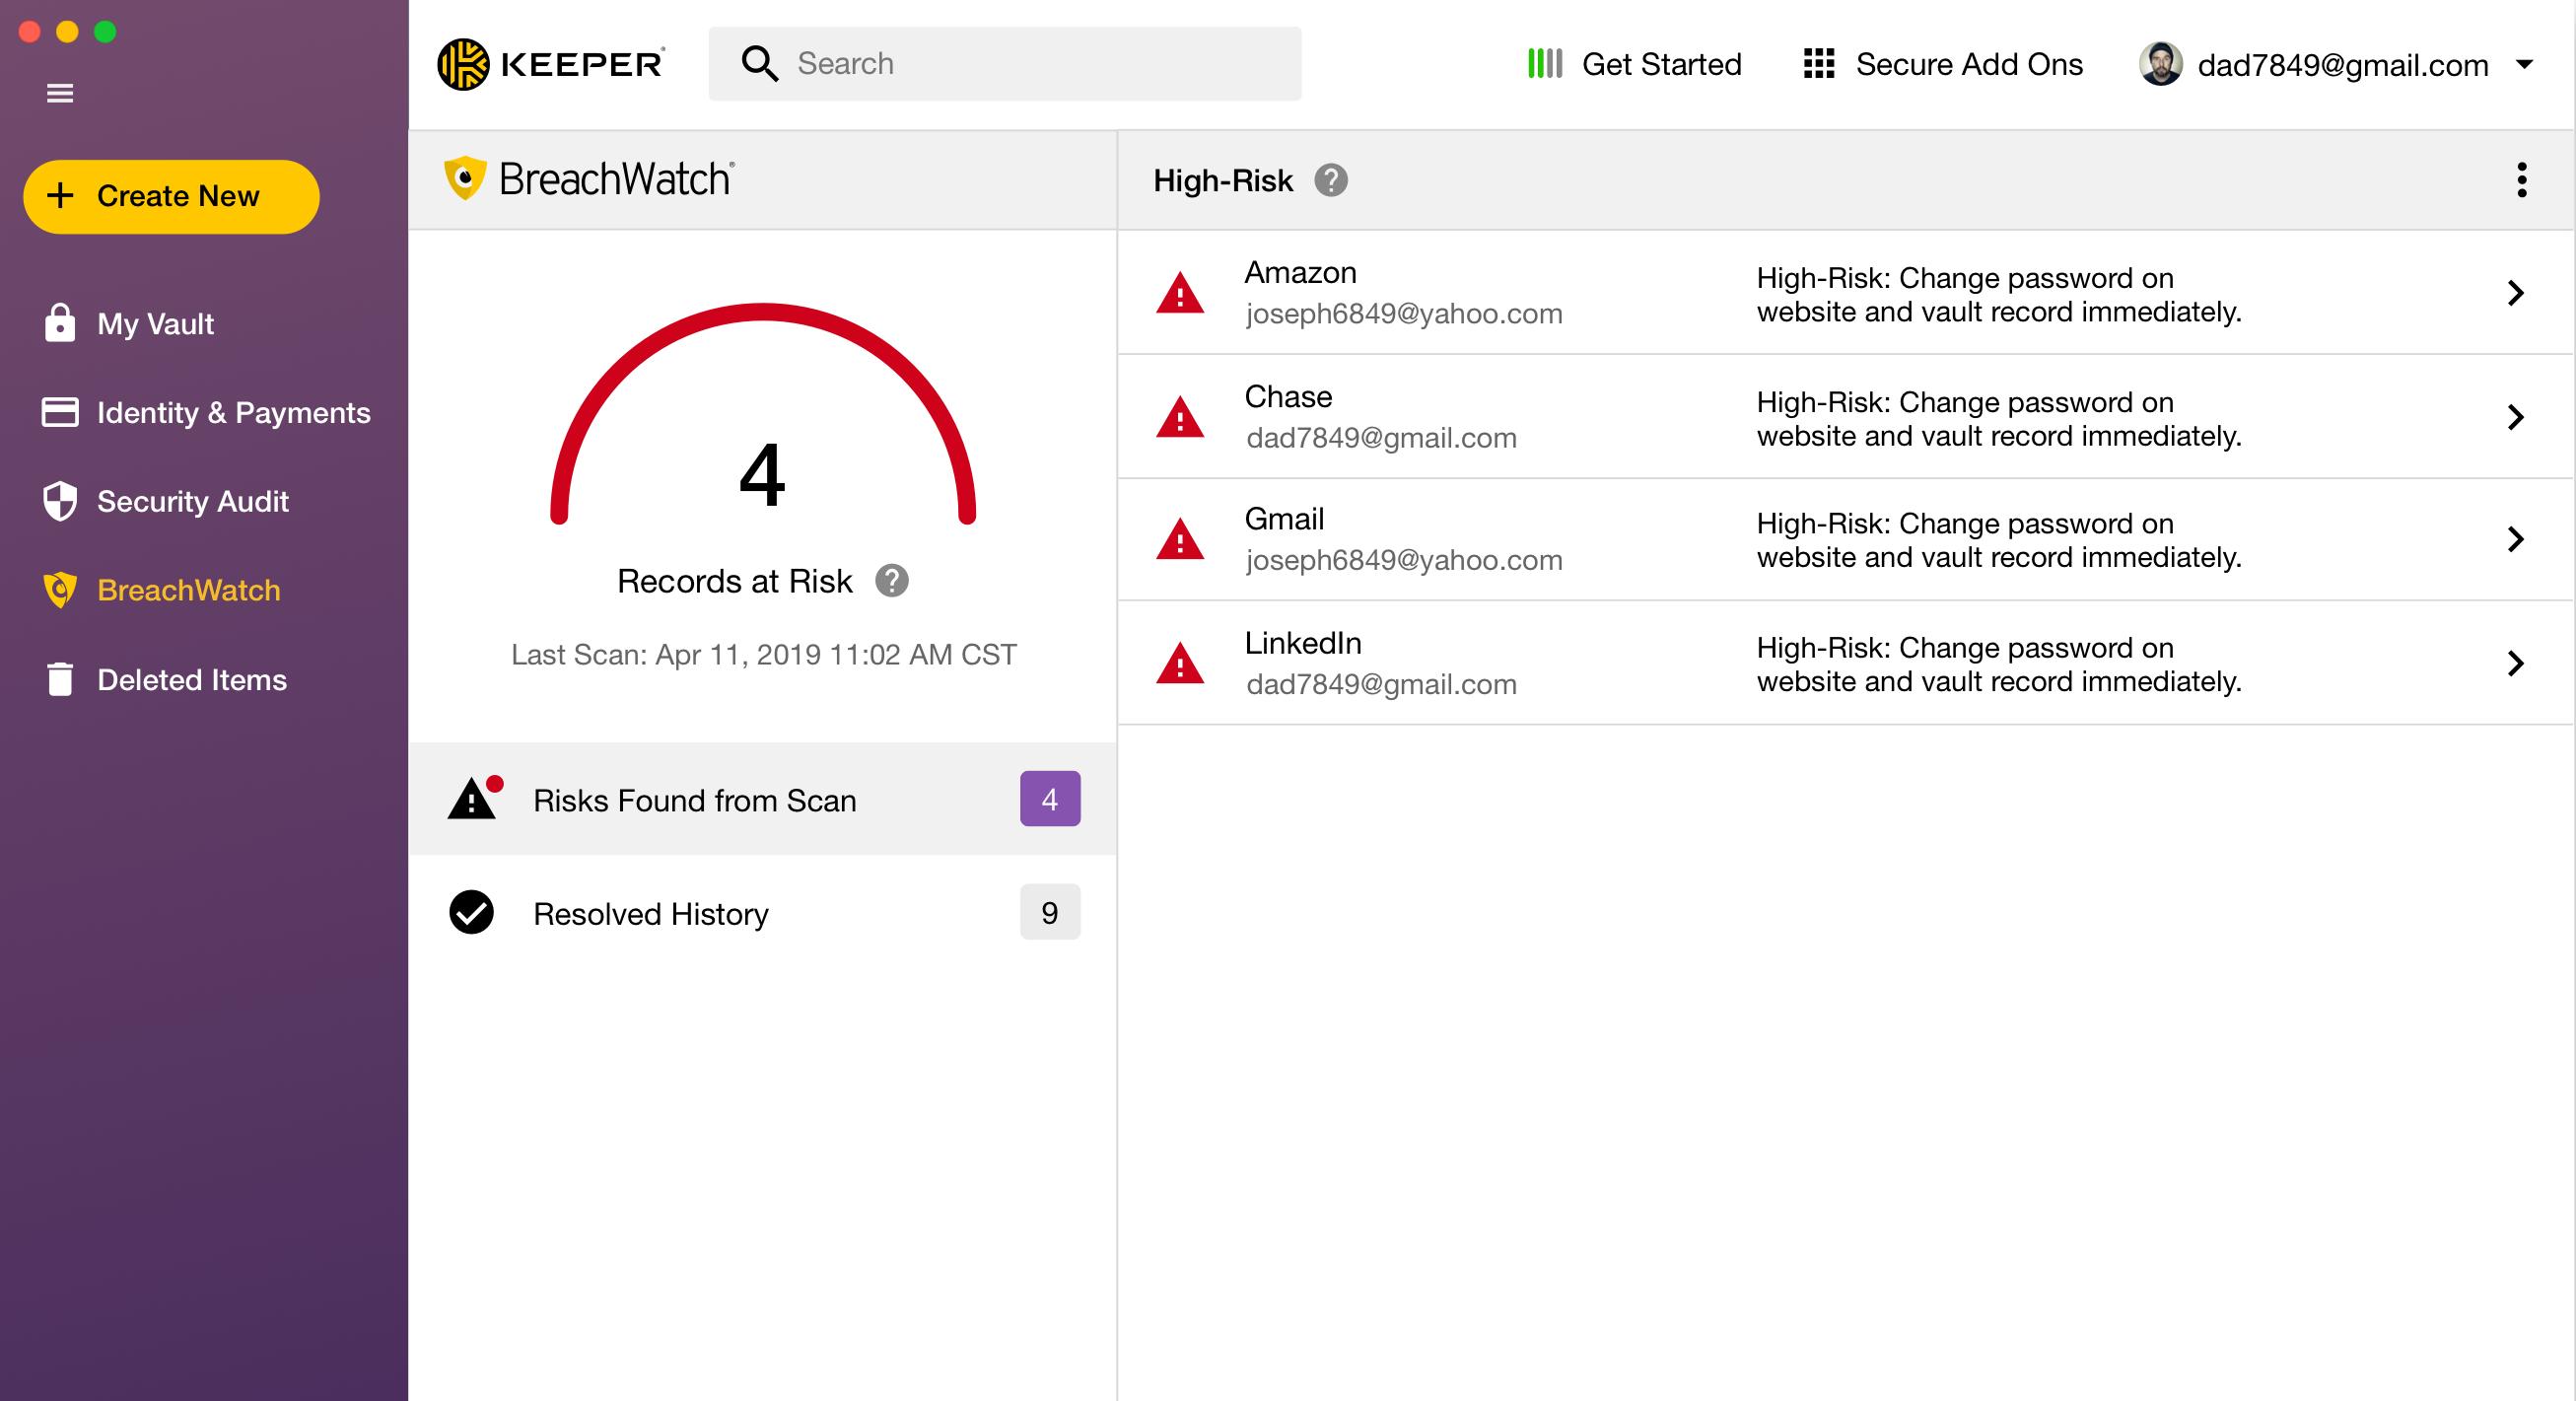 Keeper - Dark Web Monitoring and Alerts